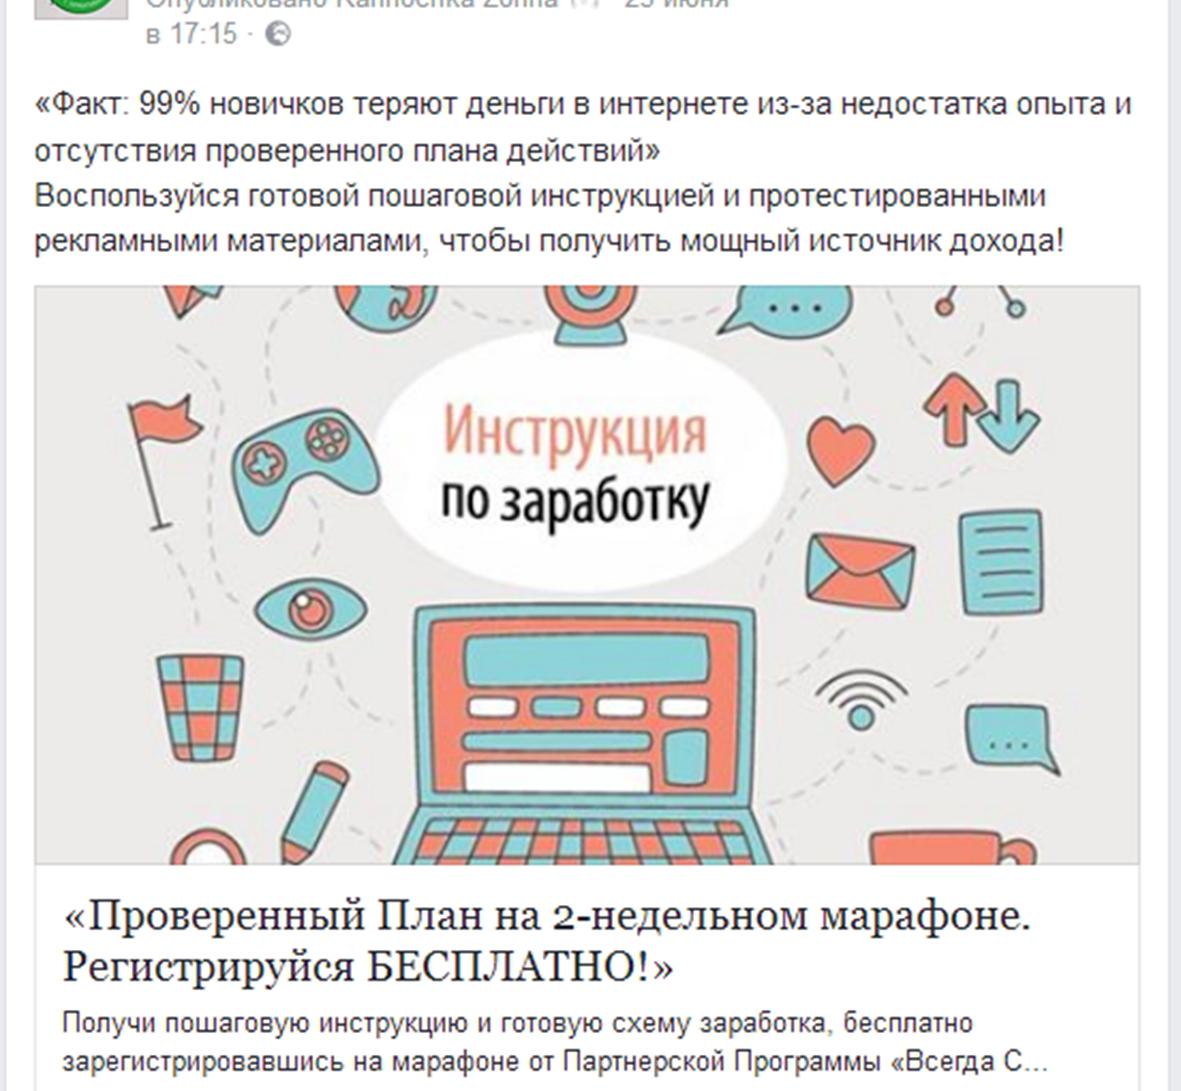 Публикация для показа по рекламе в Инстаграм и Фейсбук, через менеджер рекламы